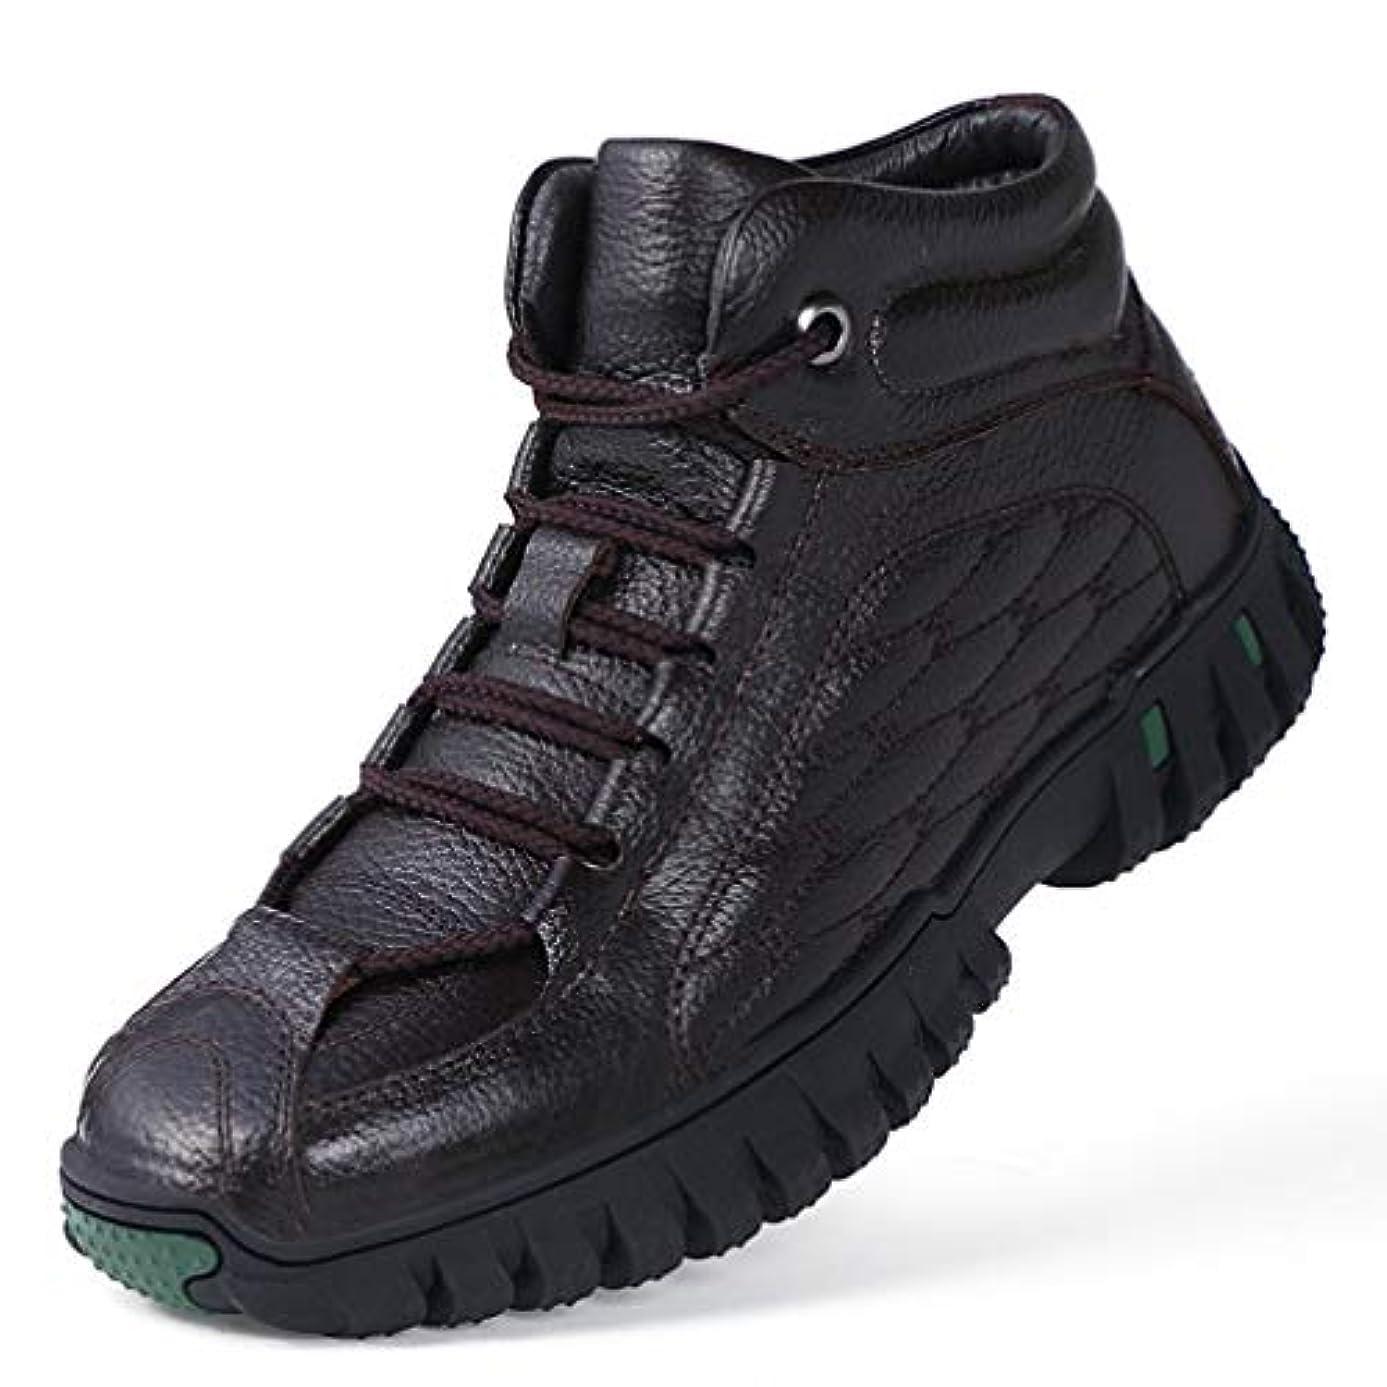 同等の再開認める大きいサイズ ハイキングシューズ 登山靴 メンズ トレッキング 防水 防滑 防寒 通気性 軽い 耐磨耗 アウトドア ウォーキング レースアップ ハイカット 黒 プラスベルベット 26.5cm